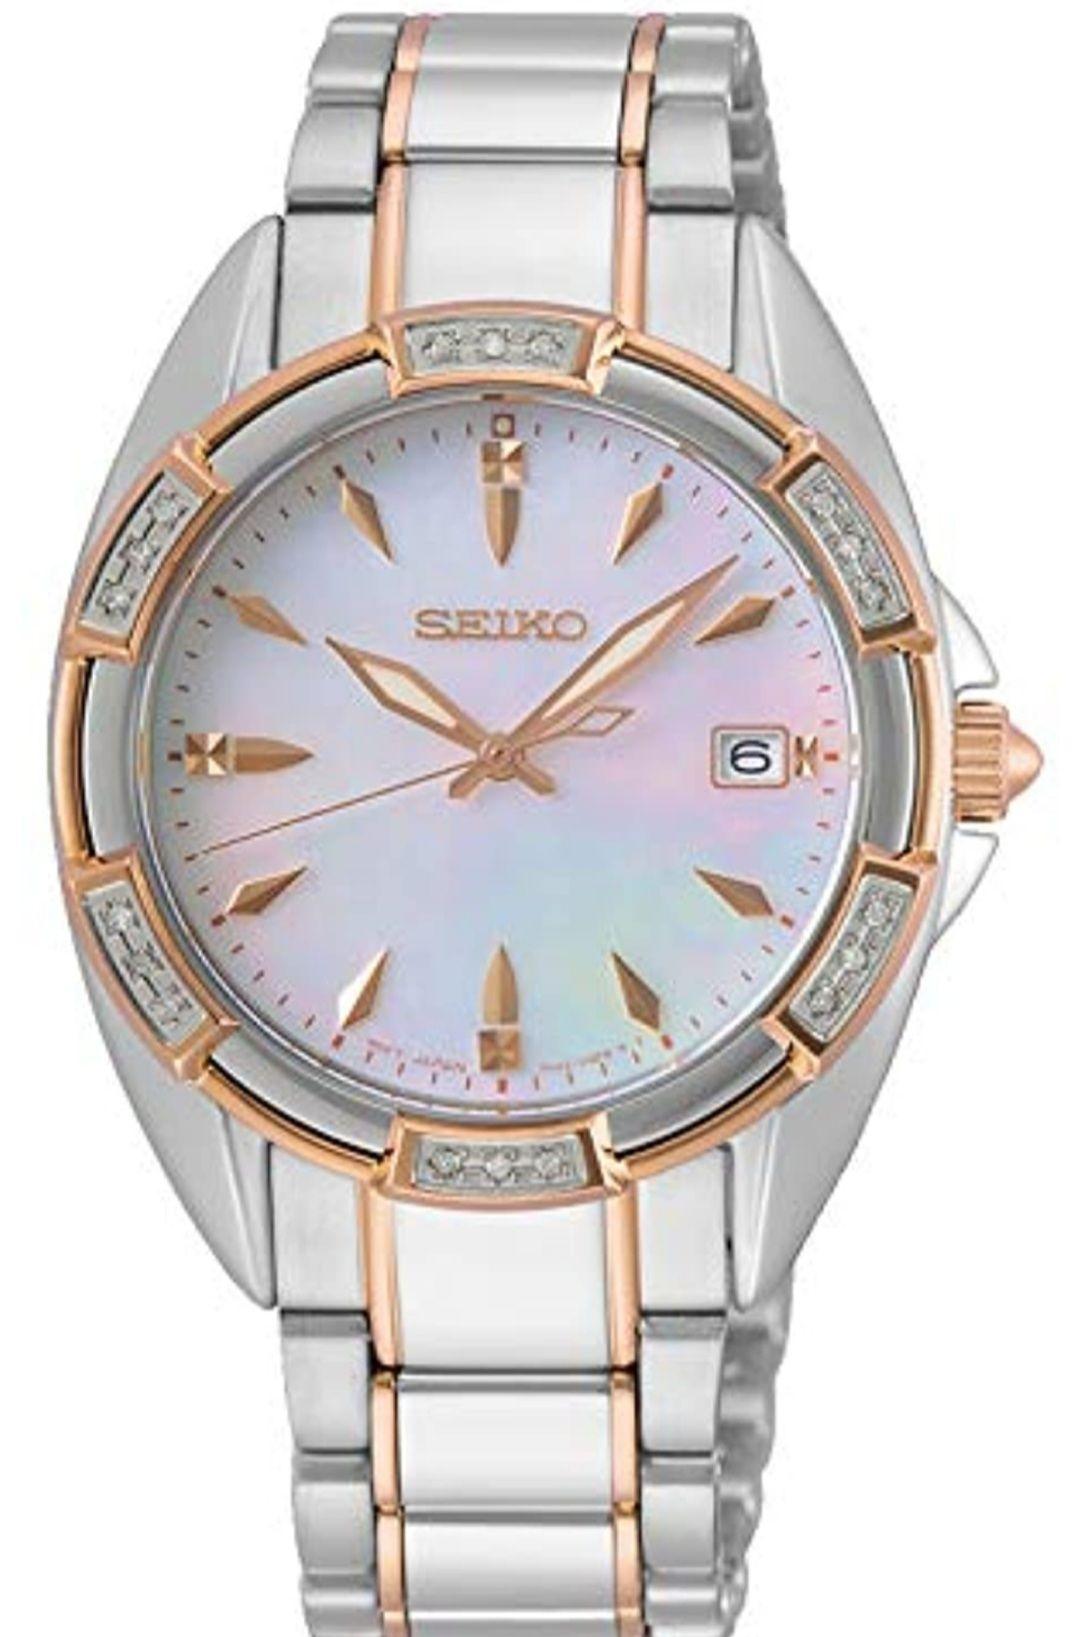 Reloj Seiko mujer con esfera madreperla y cristales de Swarovski®